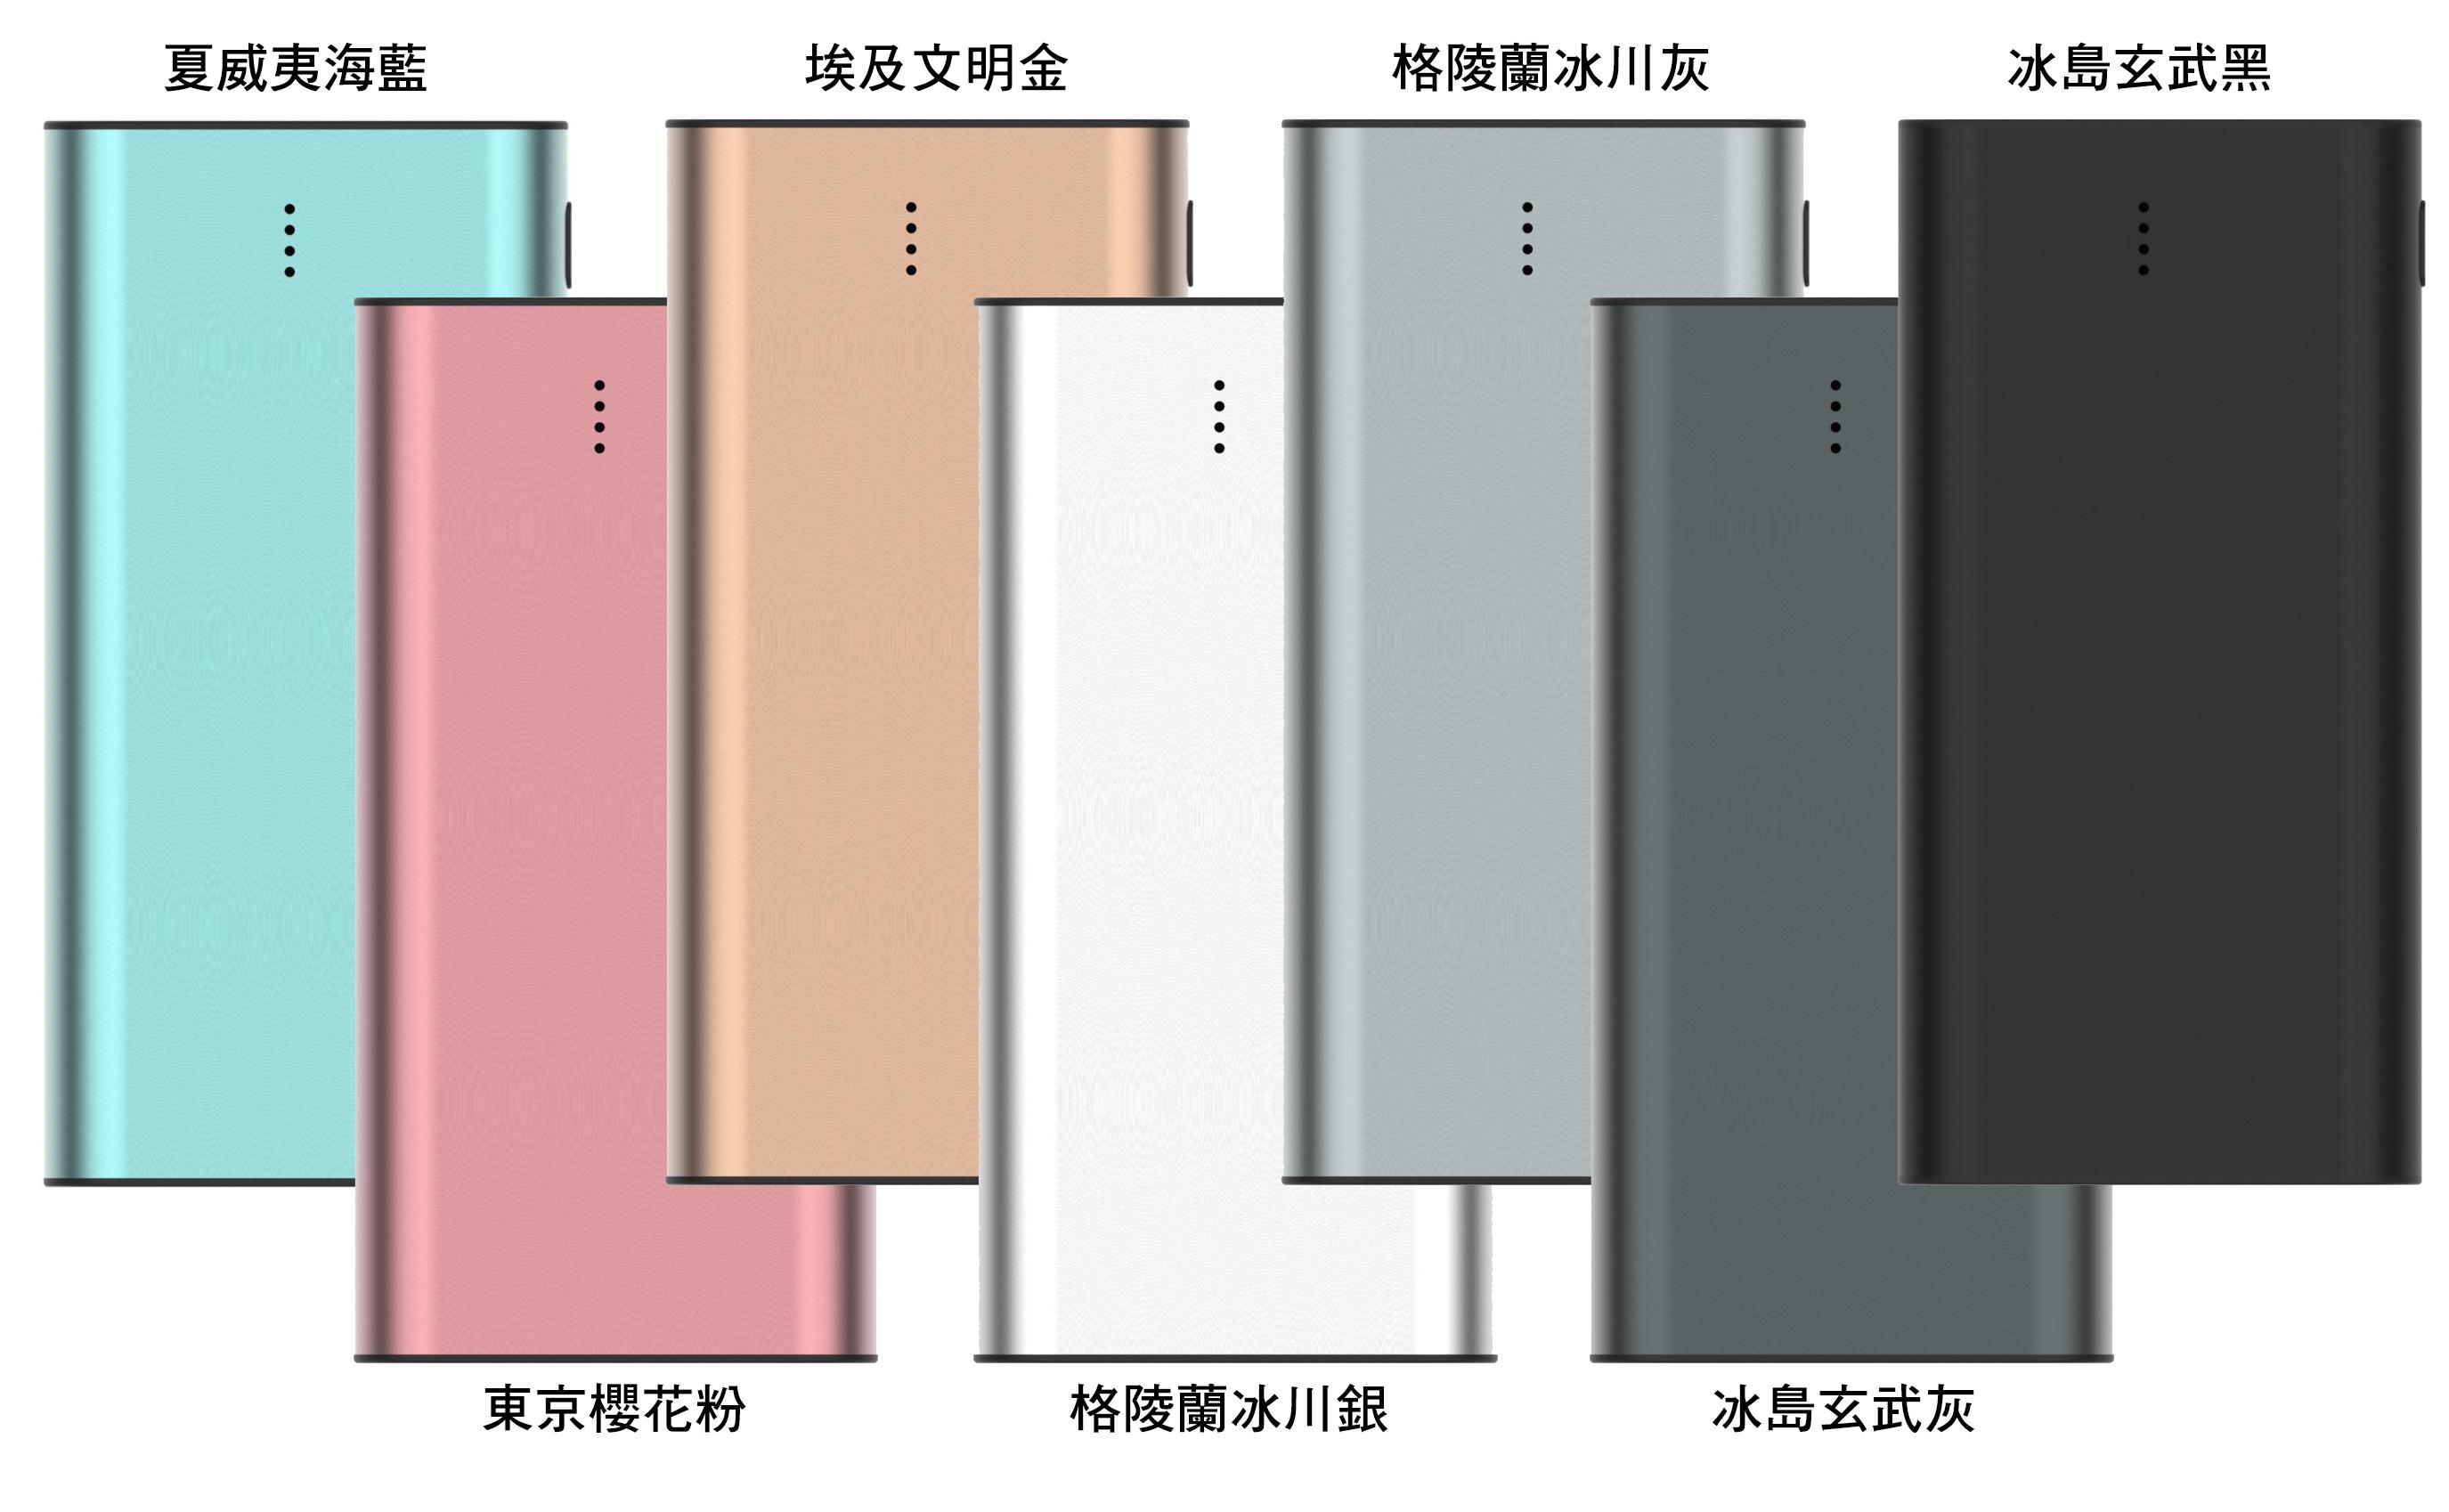 POLYBATT 雙USB行動電源 5V 2.1A 額定容量5900mAh 3A-15000(小資購物站) 8